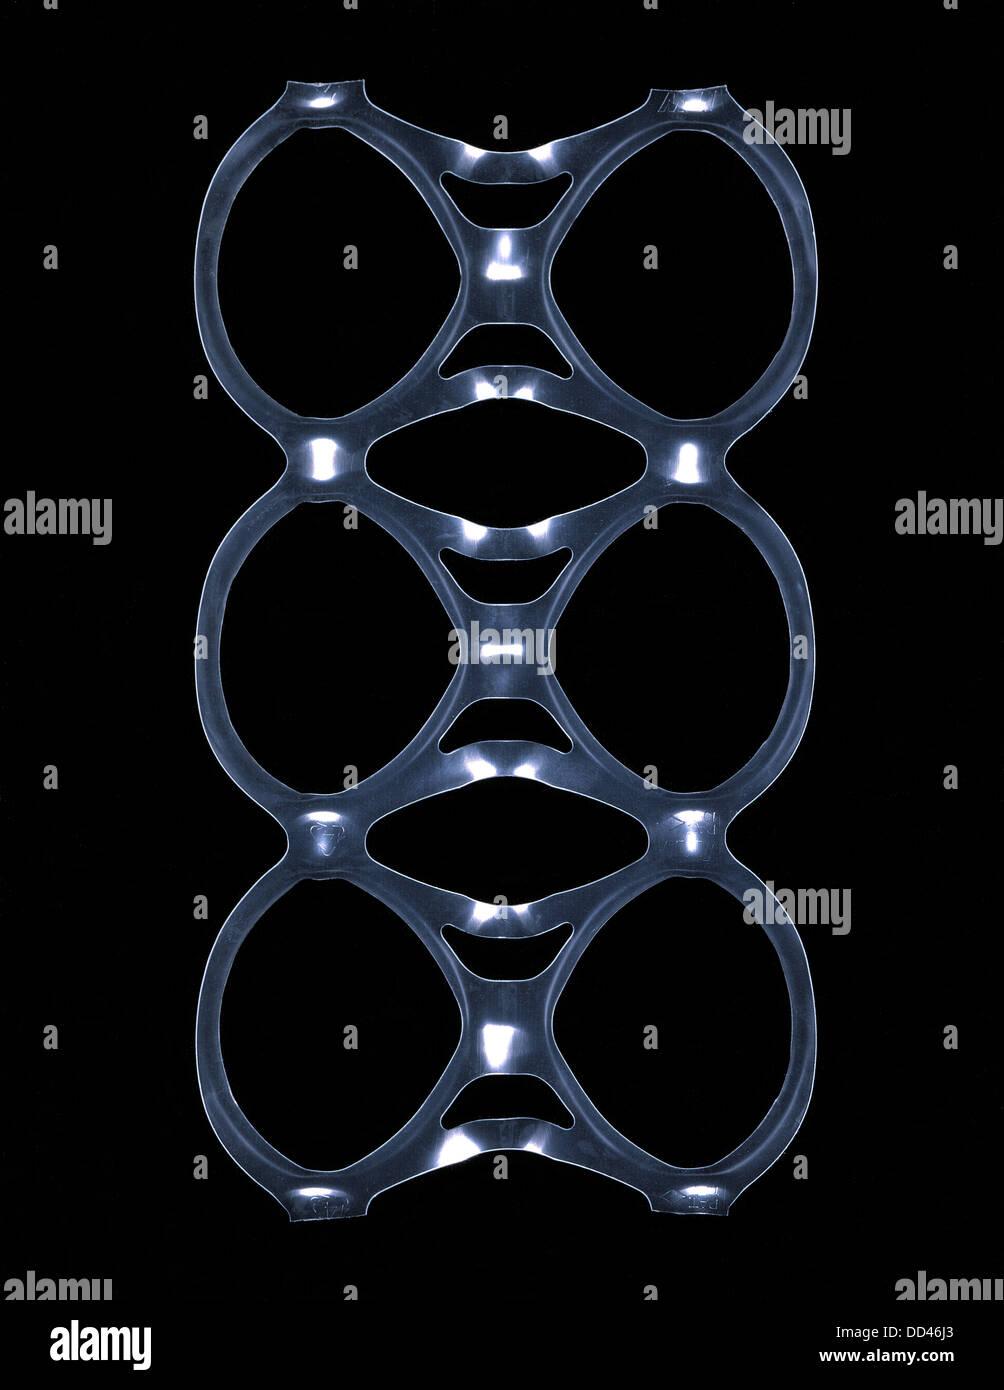 Kunststoff-Ringe, die Behälter zu halten. In der Regel einen Six-Pack-Ring genannt. Stockbild